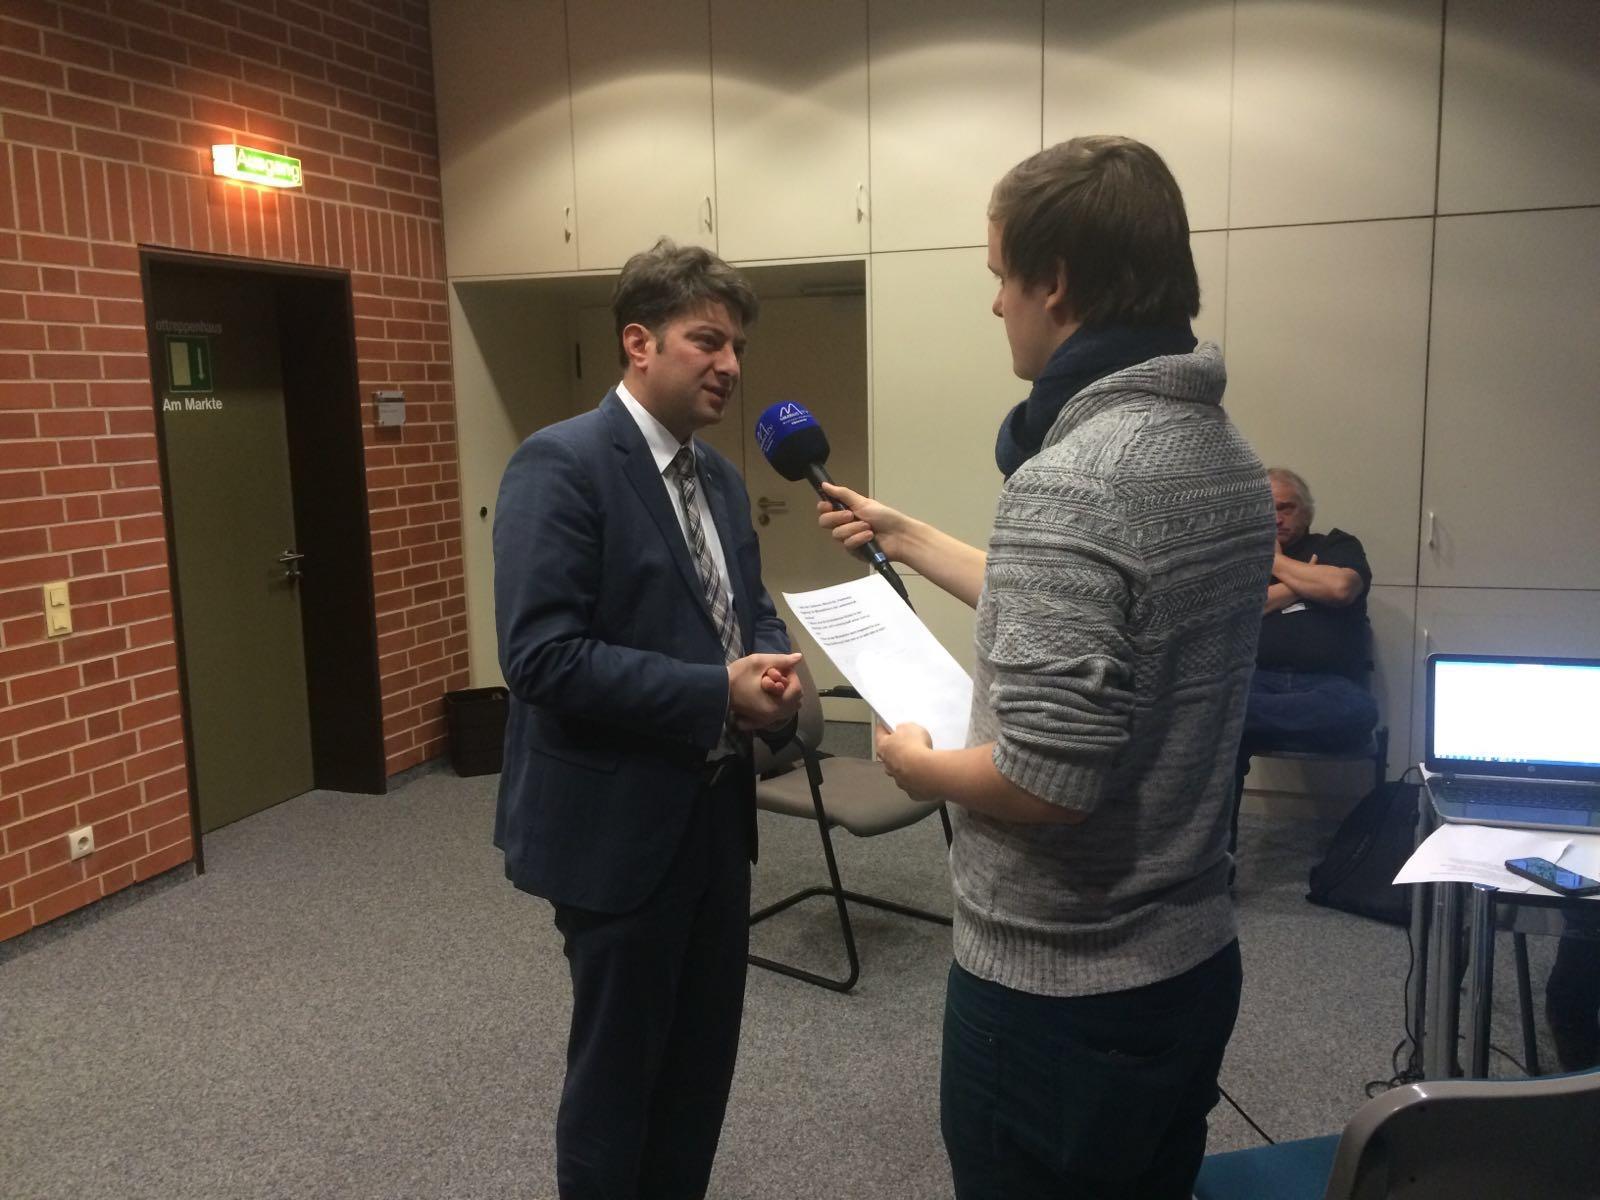 Interview mit der Medienwerkstatt Berufsbildender Schulen aus Hannover am Rande des Plenums.